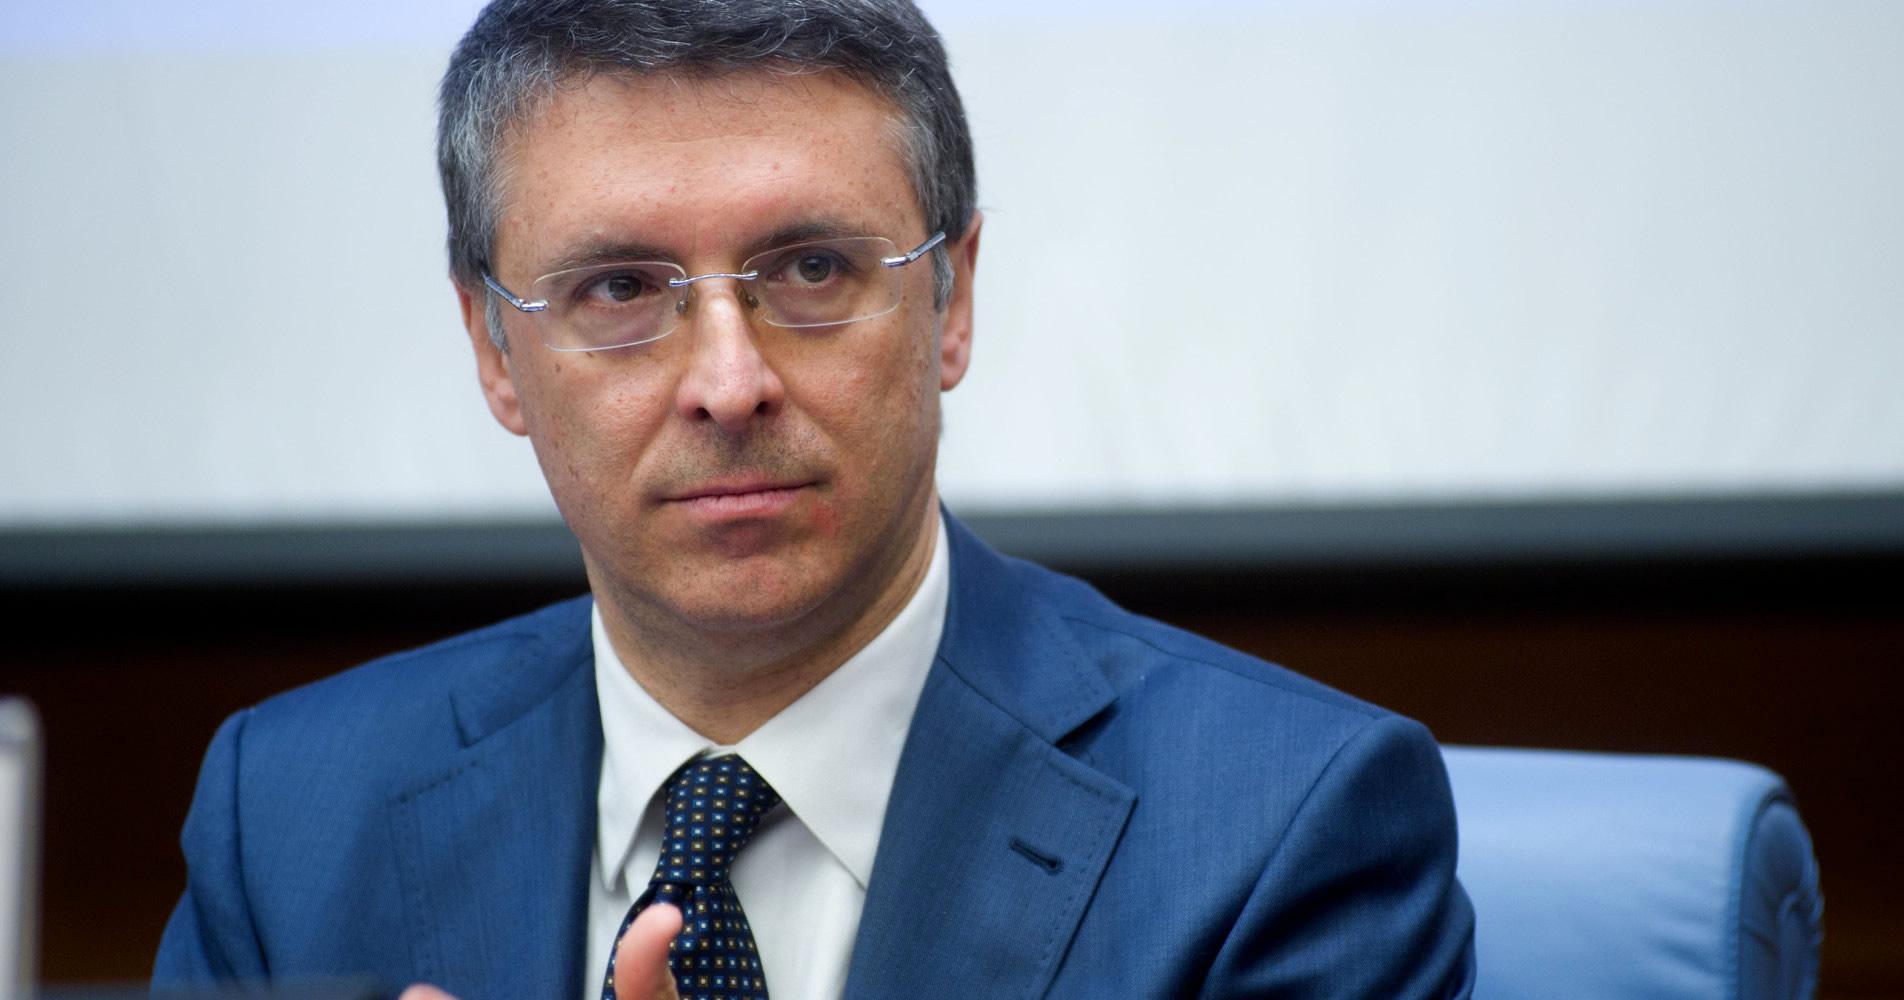 Appalti senza gara: arrivano i controlli dell'ANAC su 16 interventi previsti dallo Sblocca Italia